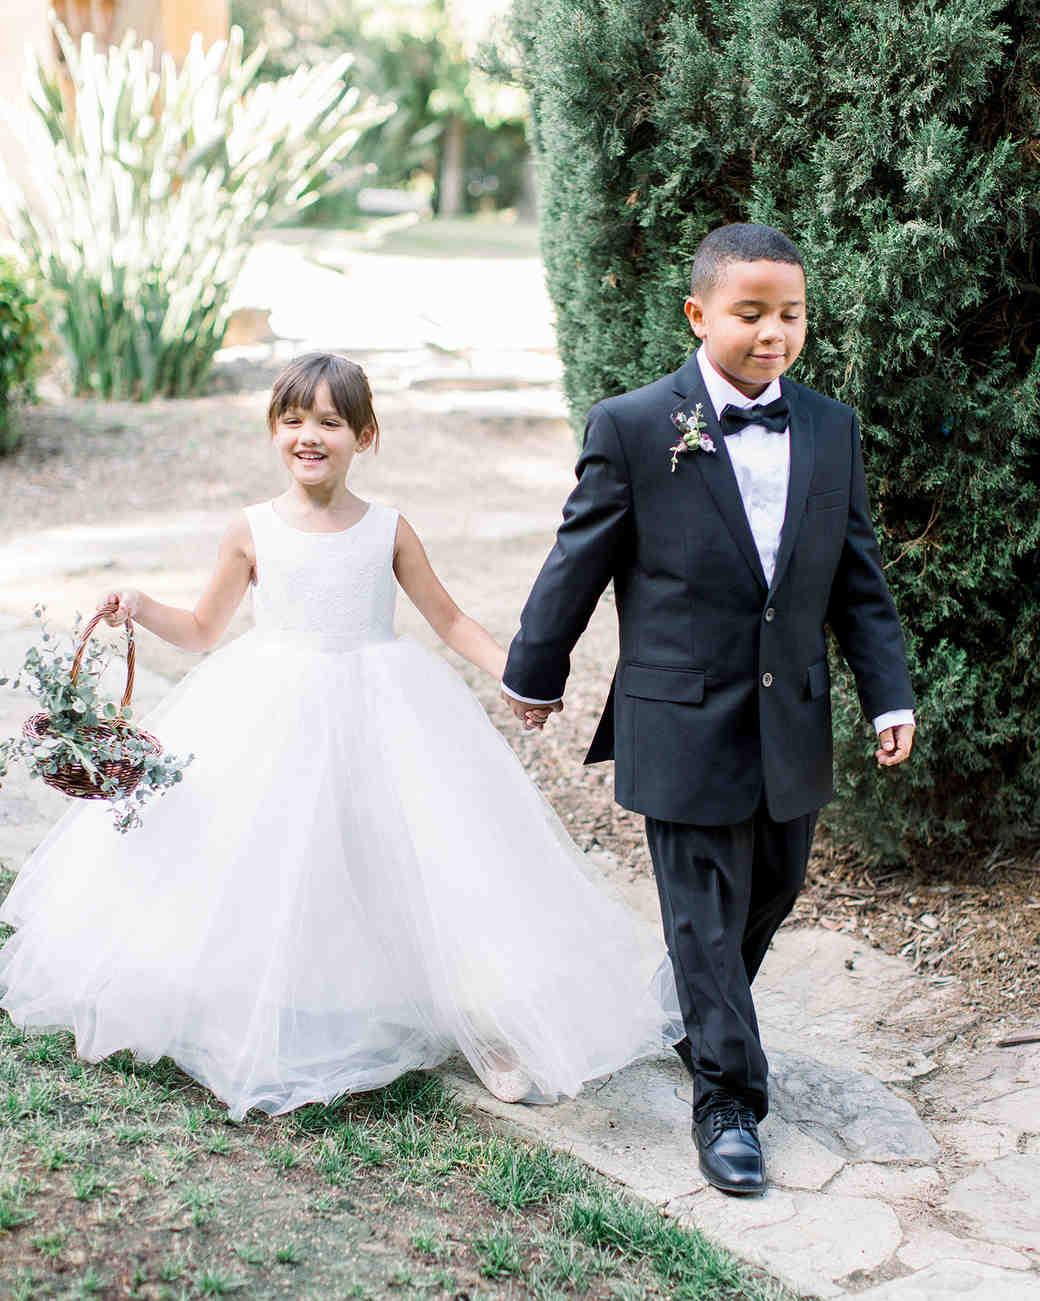 molly josh wedding flower girl and ring bearer